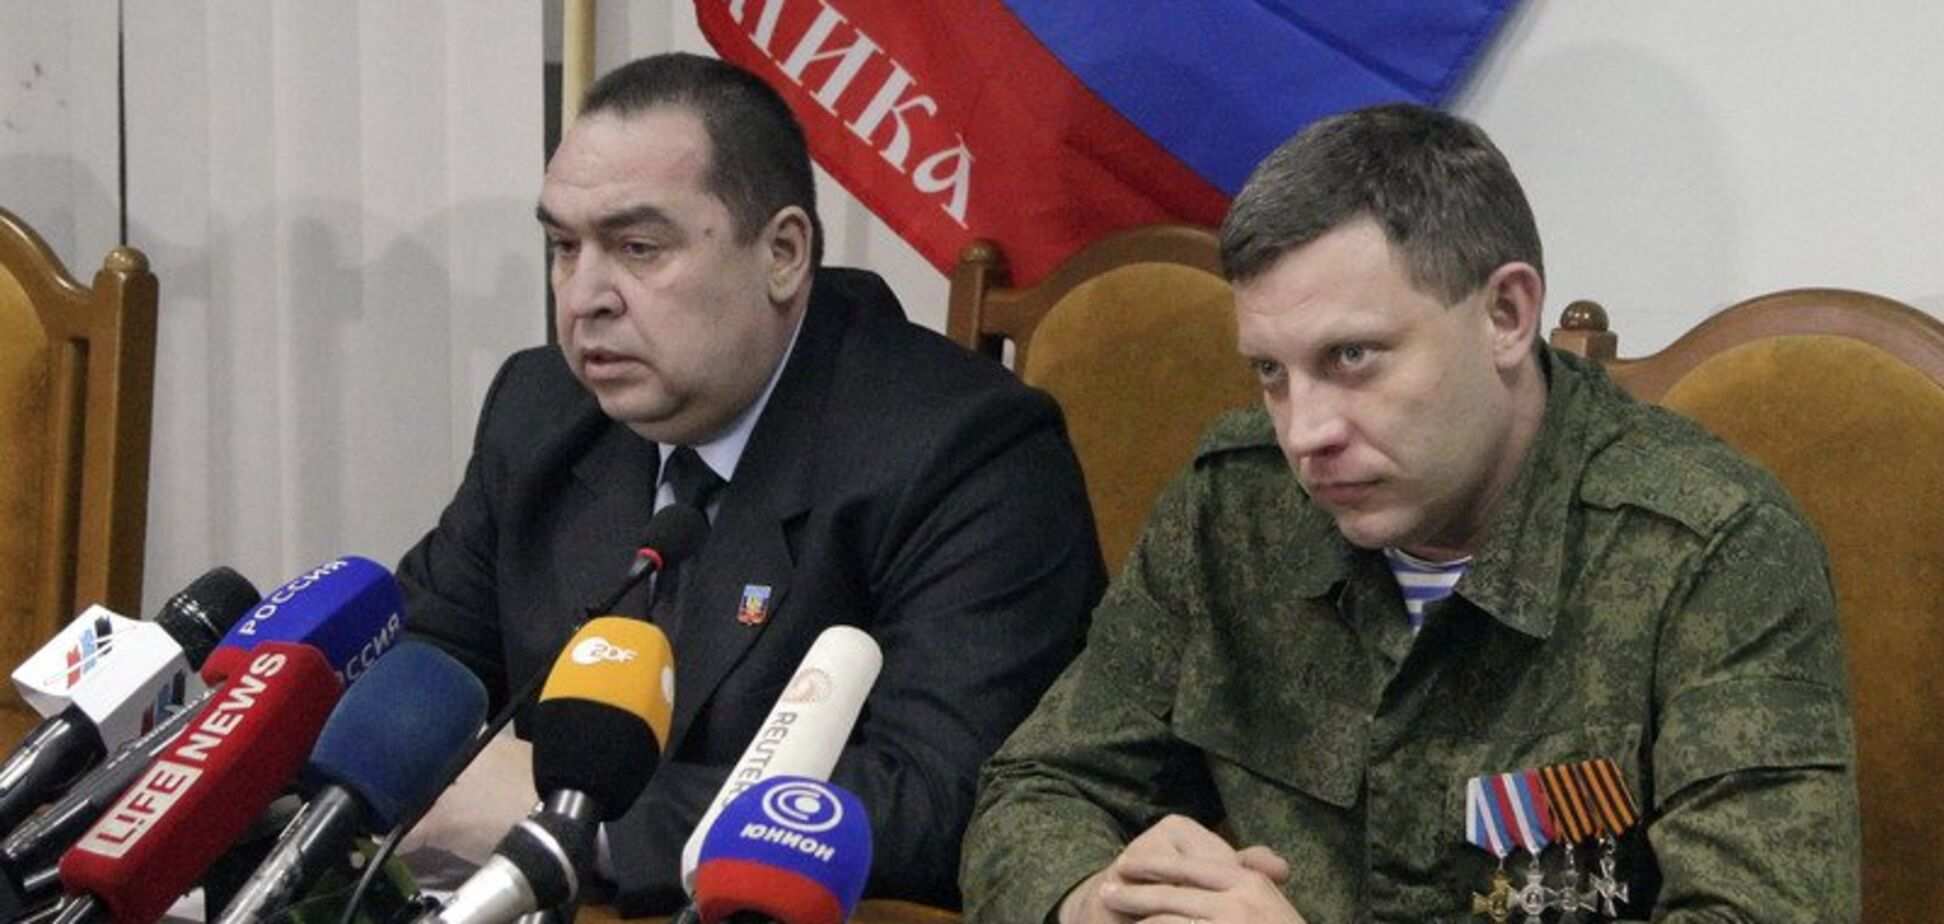 Кремль решил заменить главарей 'Л/ДНР' Плотницкого и Захарченко: названы имена преемников